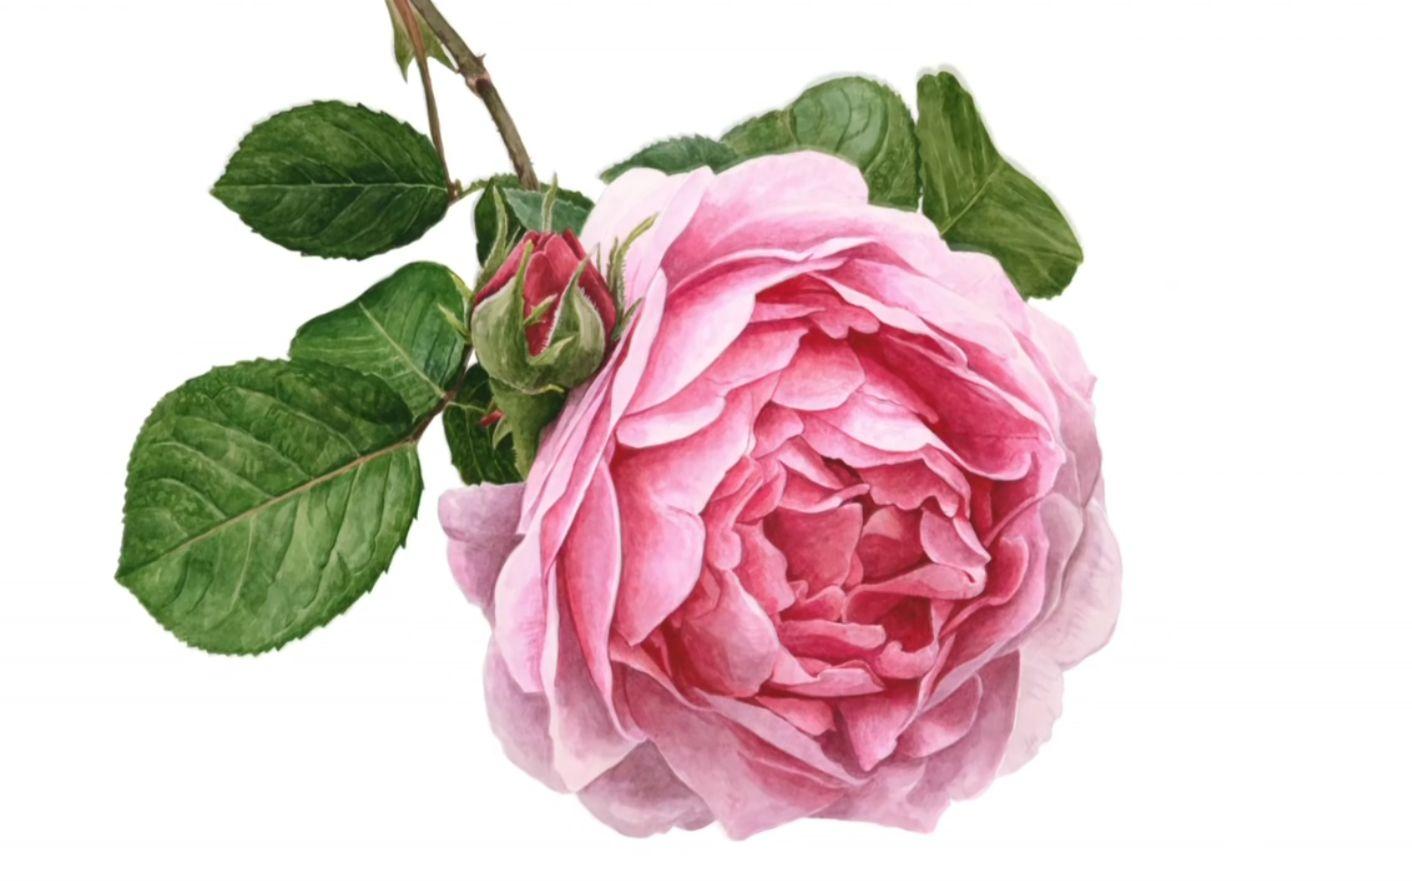 水彩图|简单而又漂亮的水粉画|水彩初学者临摹图片|玫瑰水彩画法步骤图片